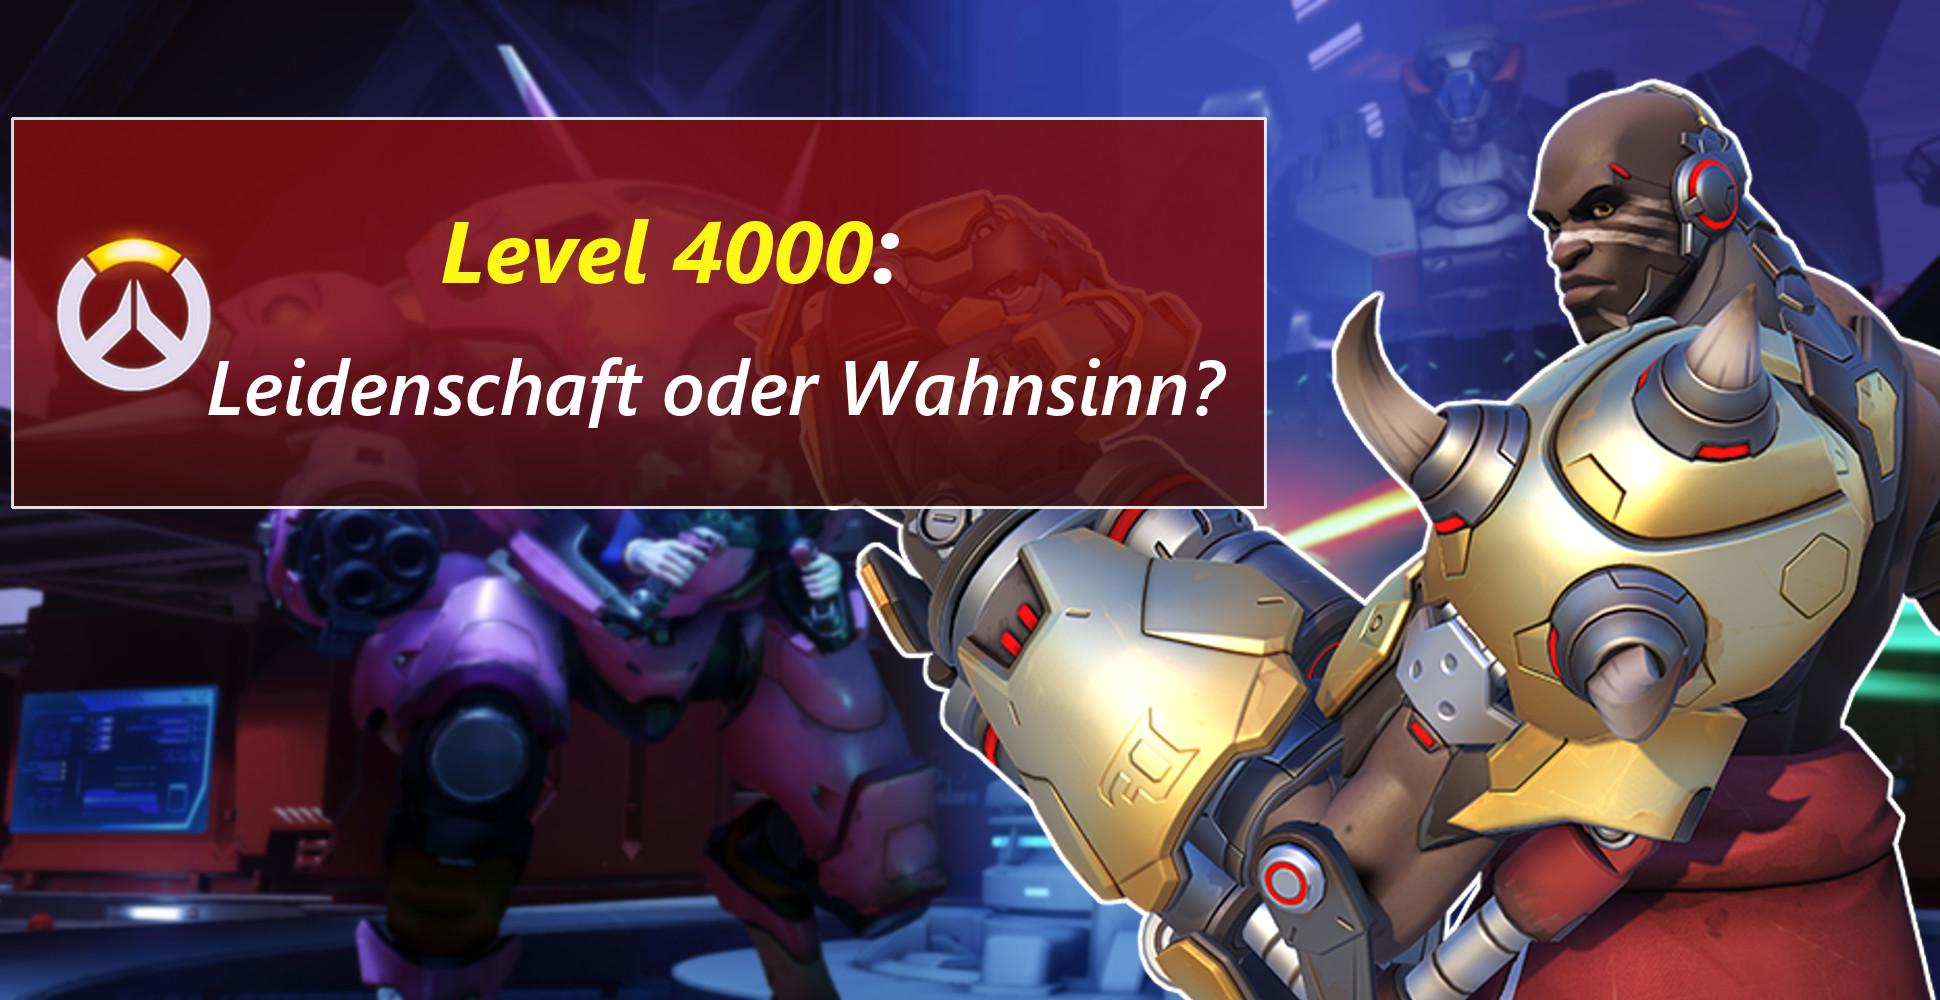 Overwatch: Irre – Spieler erreicht Accountlevel 4000!